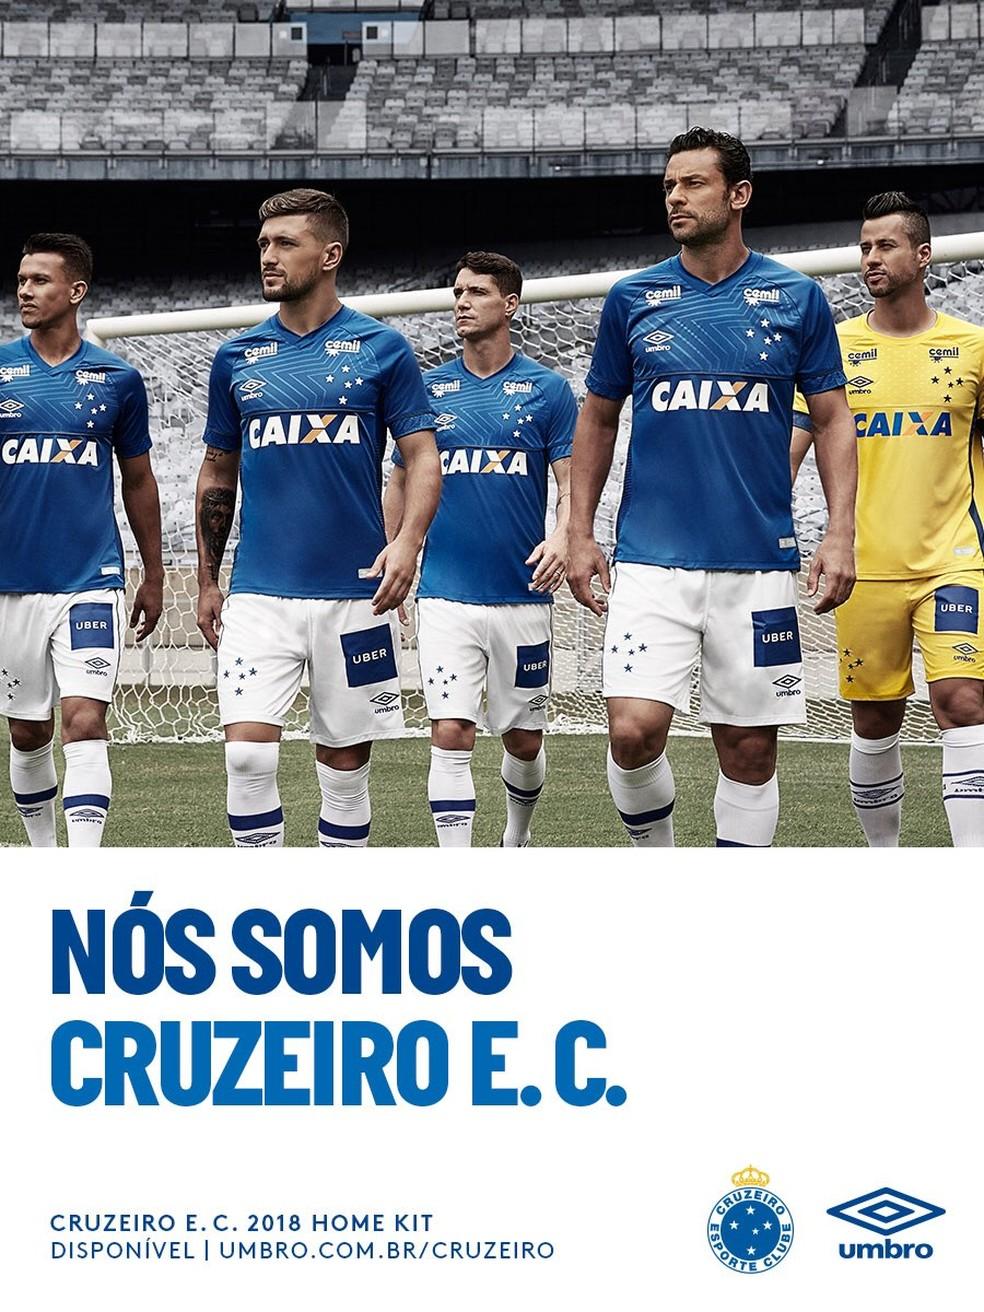 141c3ad8d2 ... Nova camisa do Cruzeiro